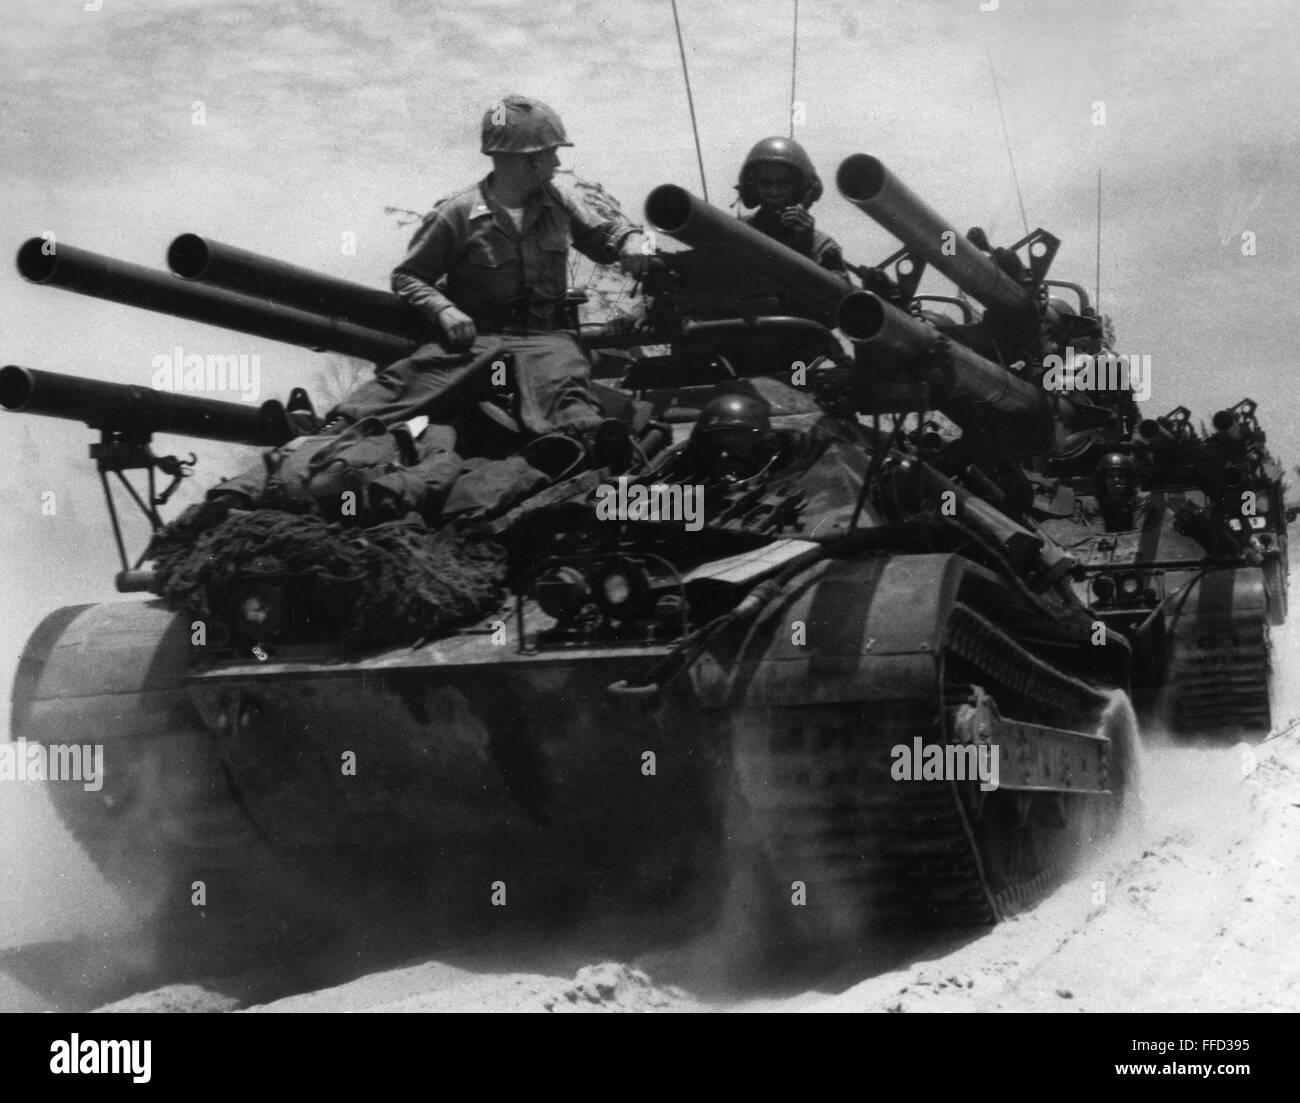 Vietnam War 1954-1975 Vietnam-war-beach-landingnthe-9th-marine-expeditionary-brigade-landing-FFD395